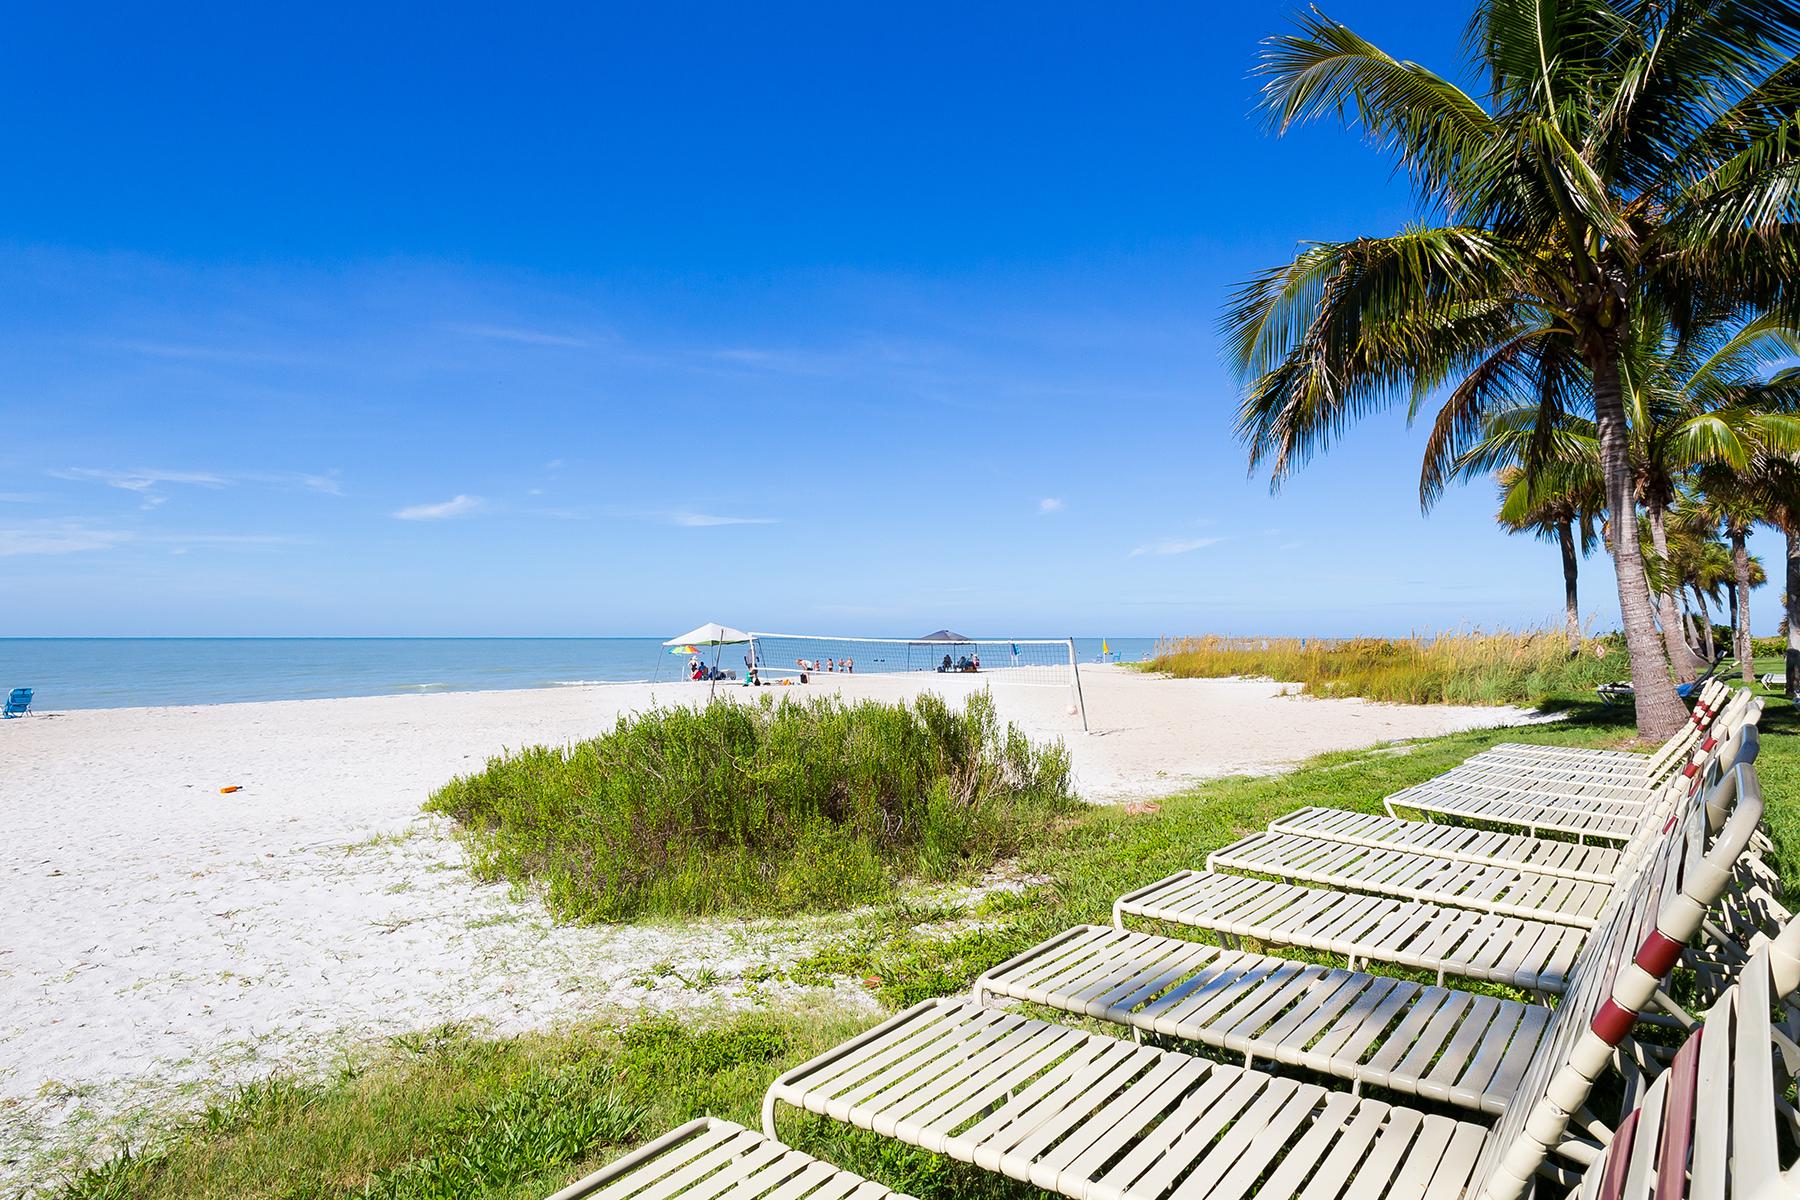 共管式独立产权公寓 为 销售 在 SANIBEL 2445 W Gulf Dr D6 撒你贝尔, 佛罗里达州, 33957 美国